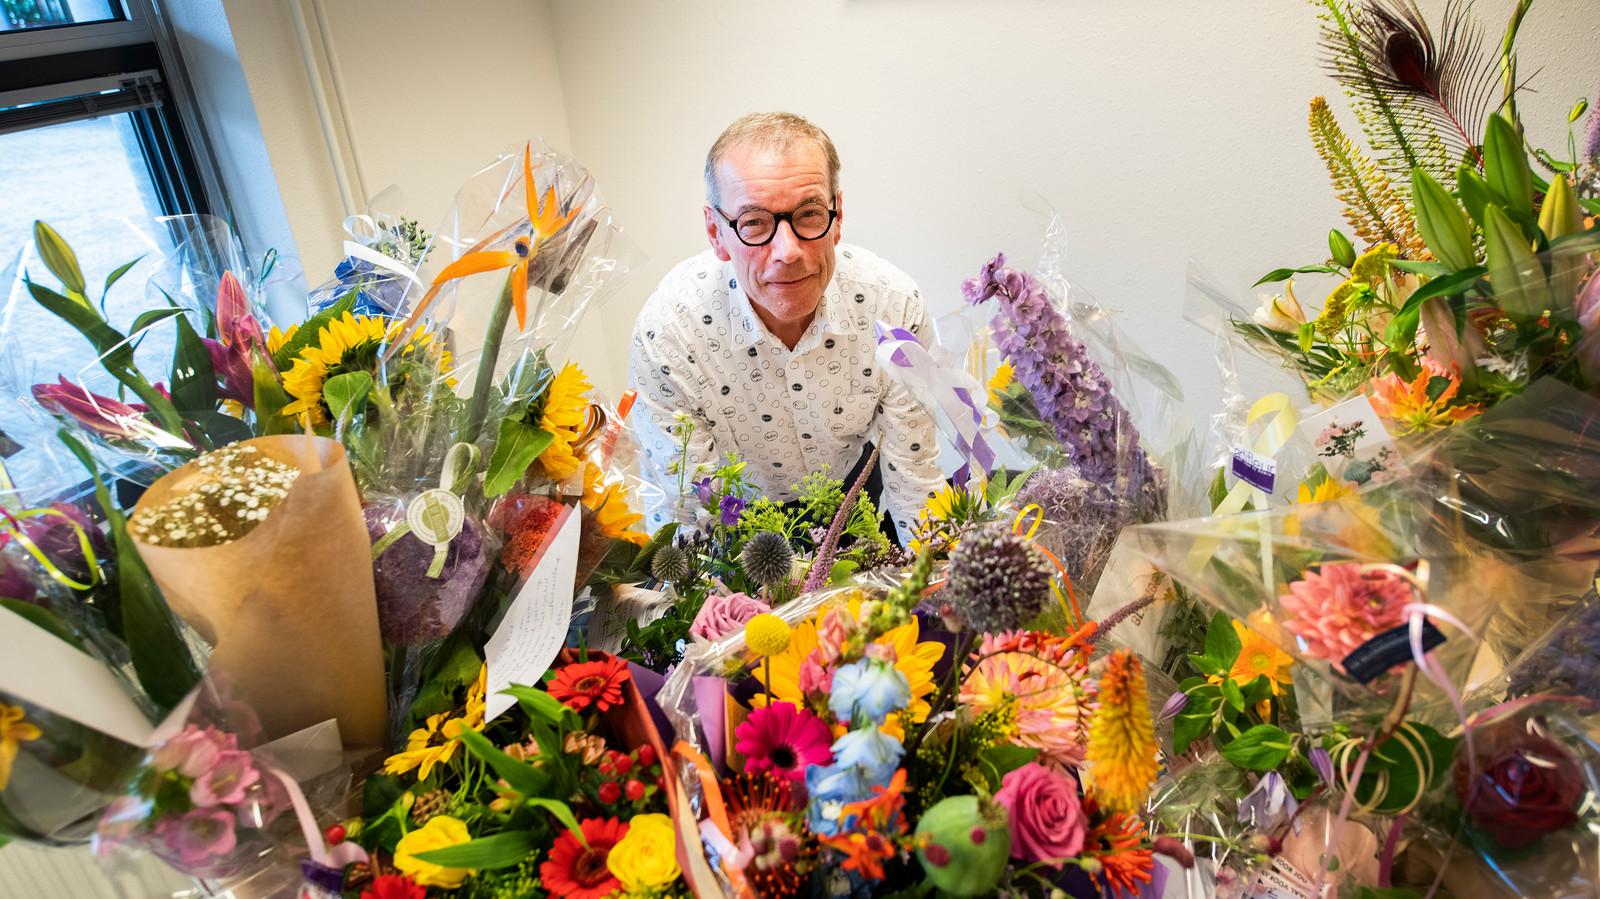 Fred Meijer werd bij zijn afscheid als directeur van het Edison College bedolven onder de bloemen. De meest opmerkelijke cadeaus kwamen echter van zijn eigen kinderen.